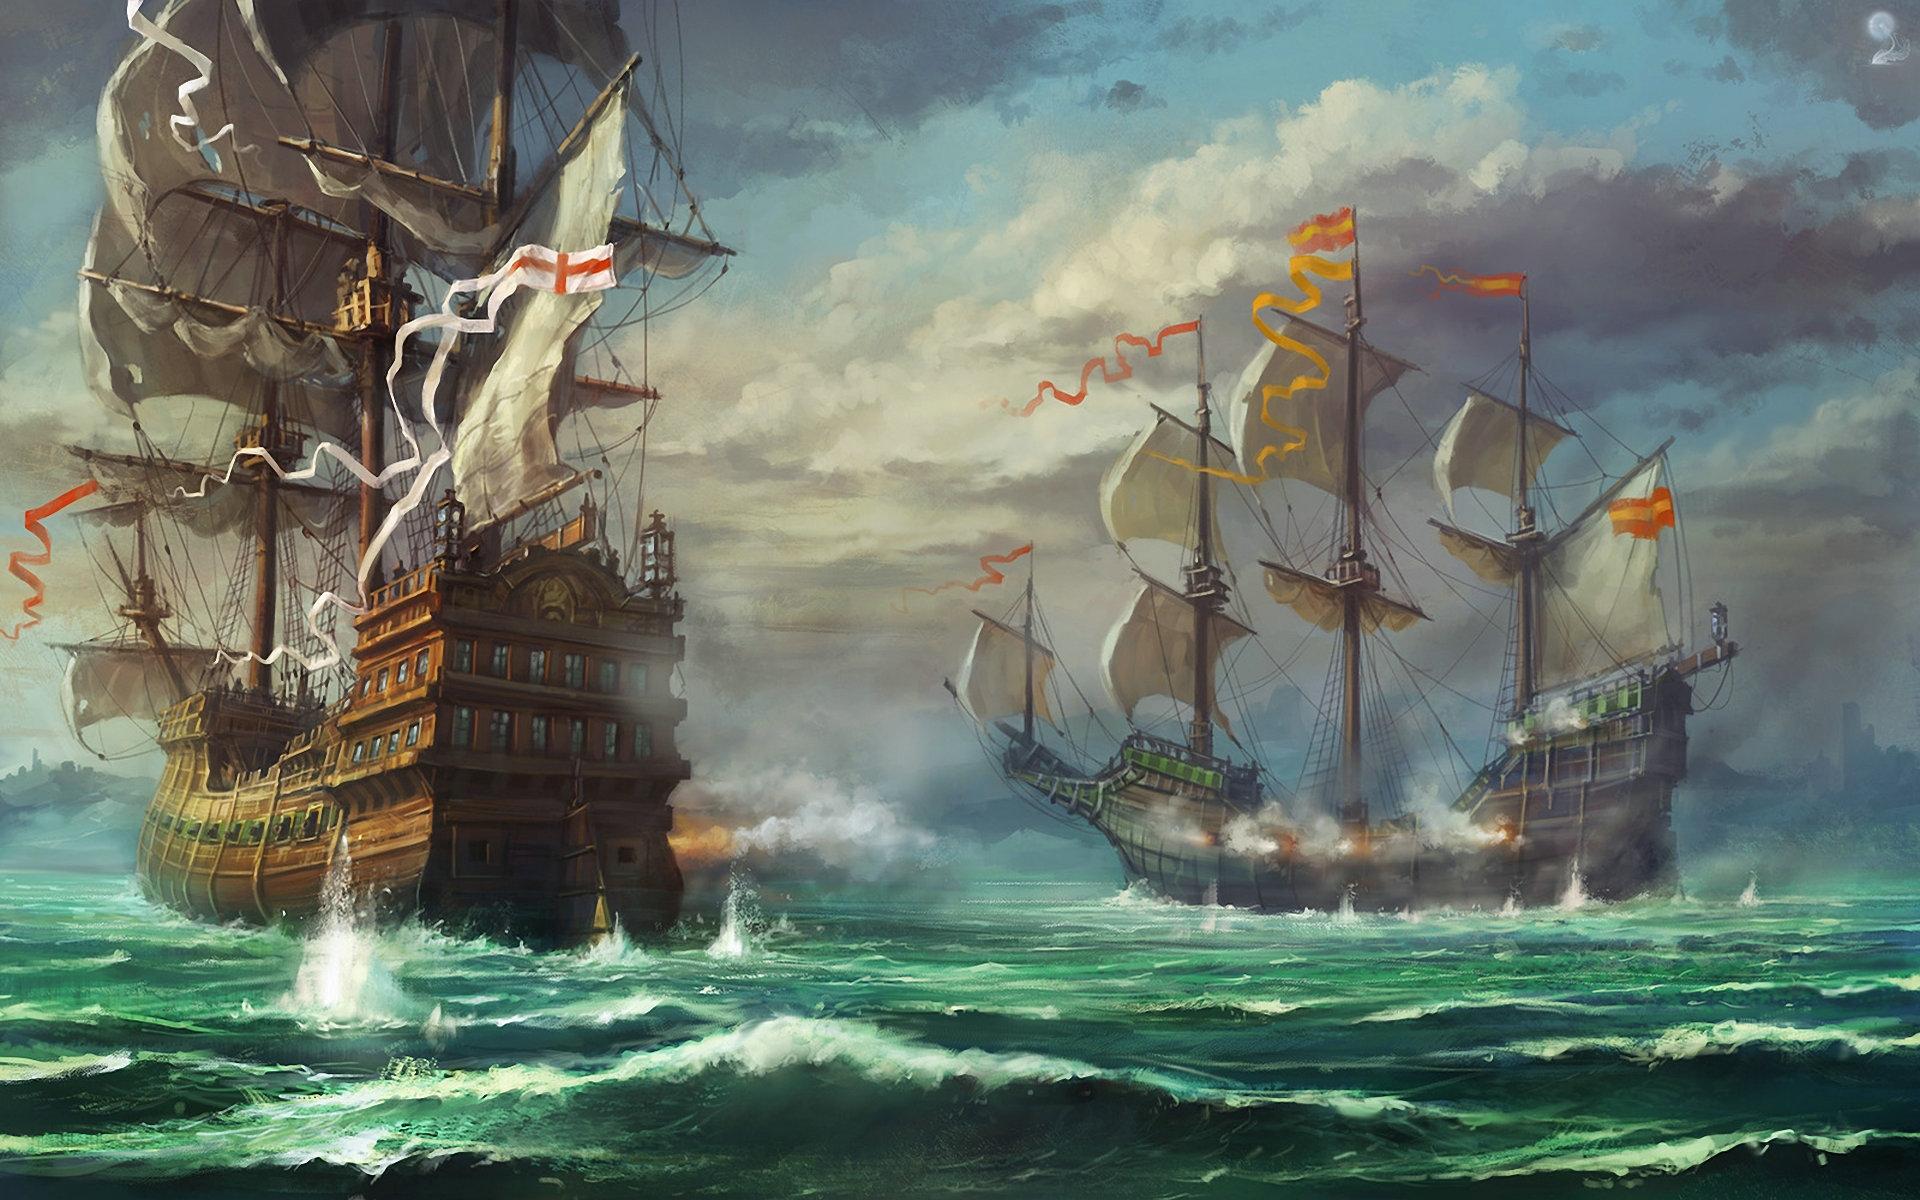 Lodě-úvodní obrázek